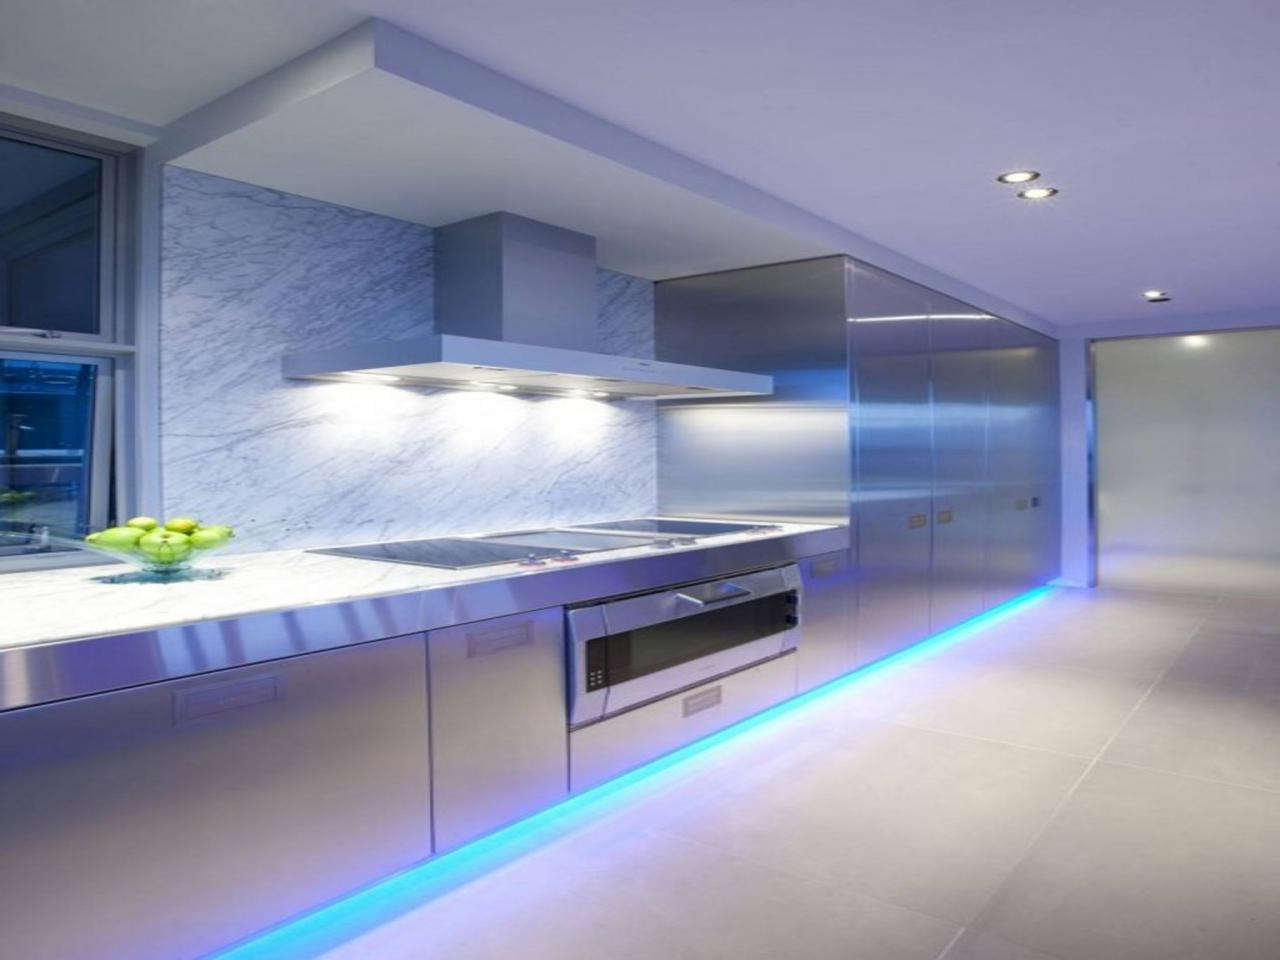 есть когда фото подсветка на потолке волнами в кухне слову, беларуси